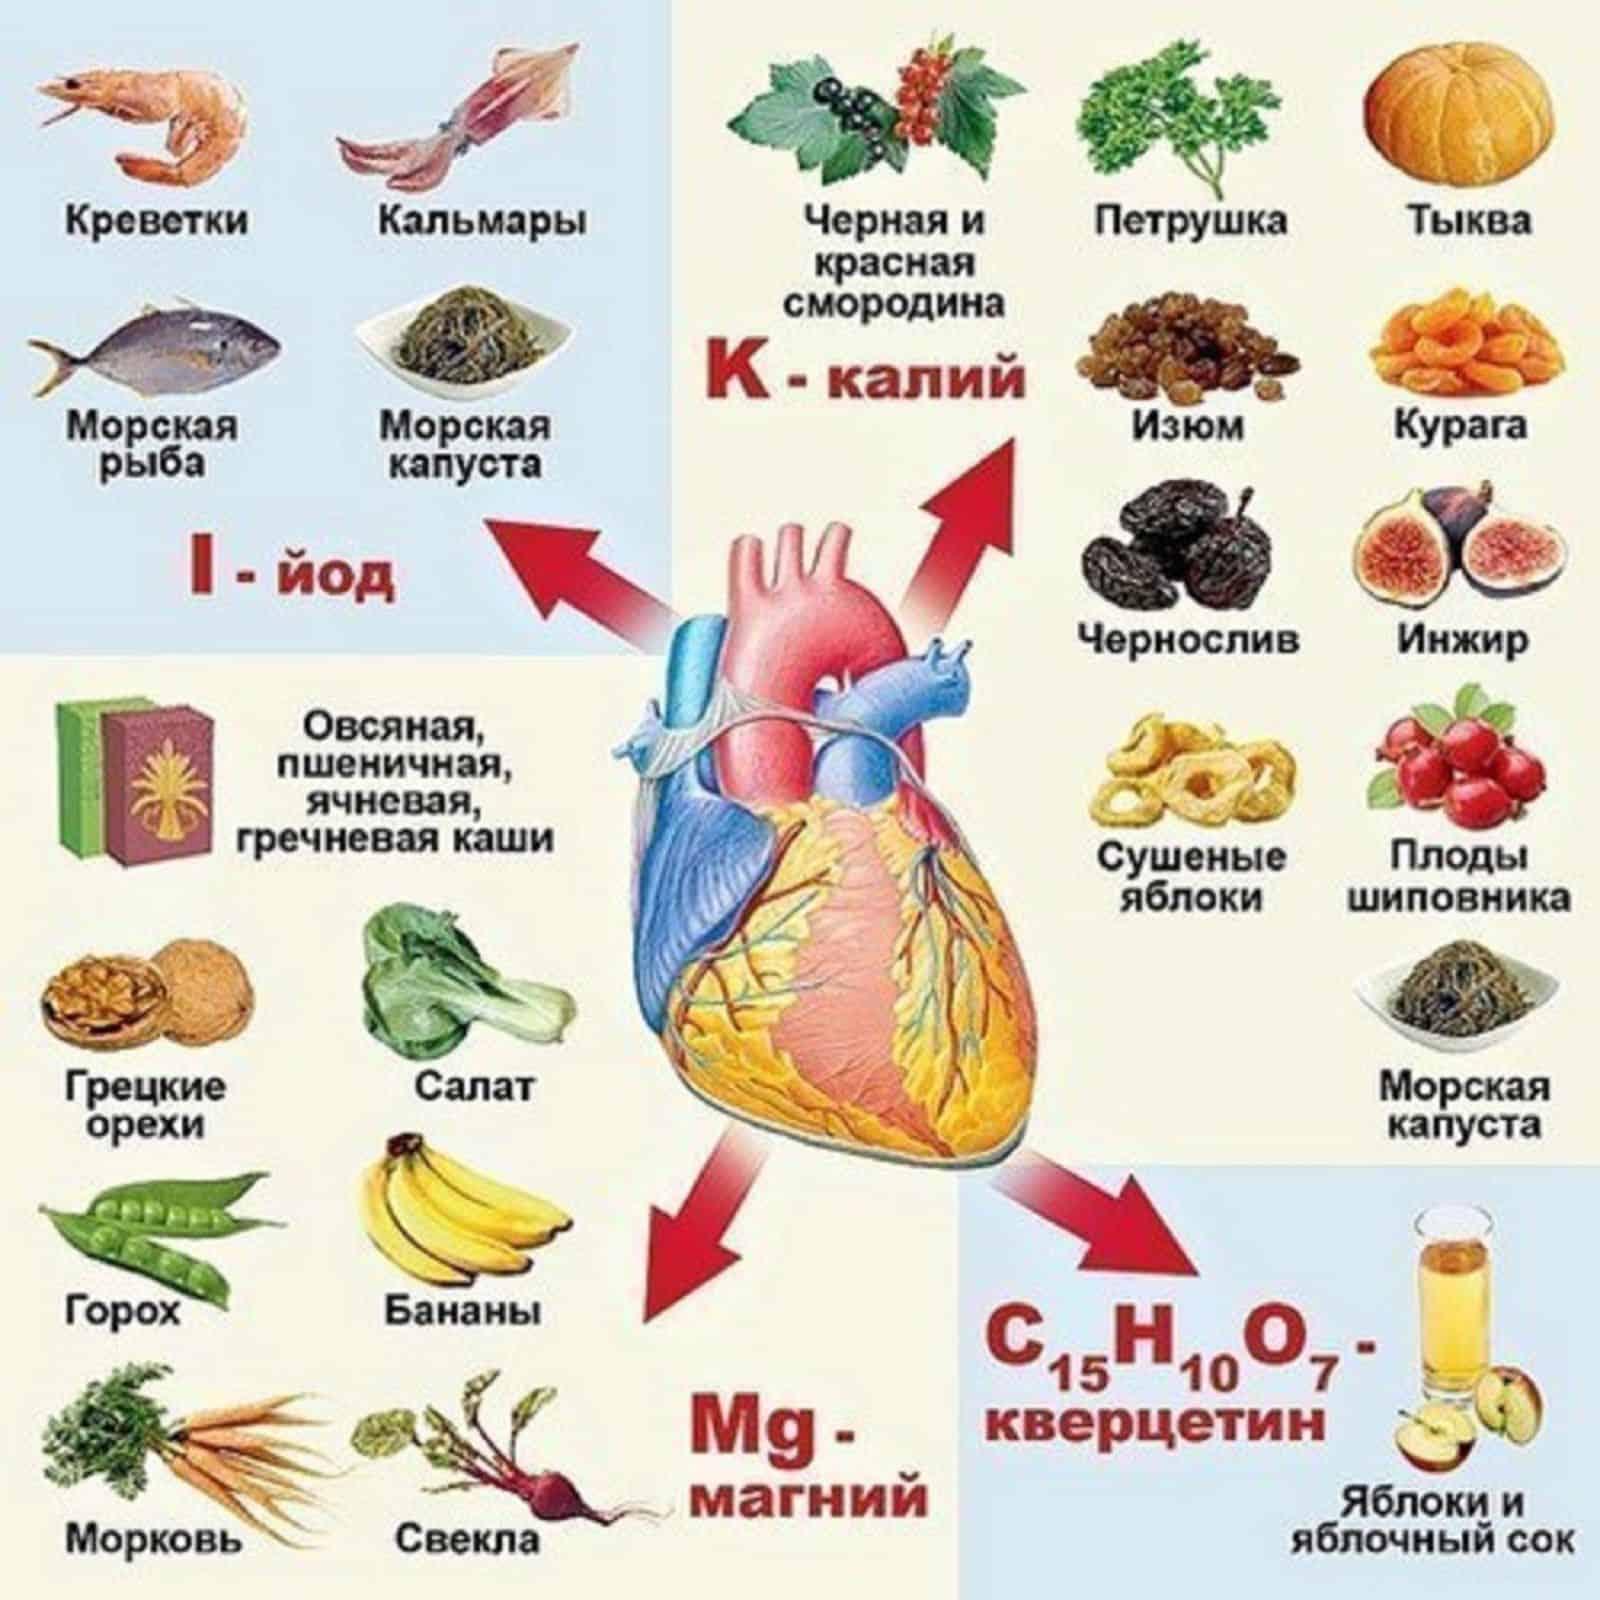 Продукты для сердца и сосудов: полезные и вредные | компетентно о здоровье на ilive